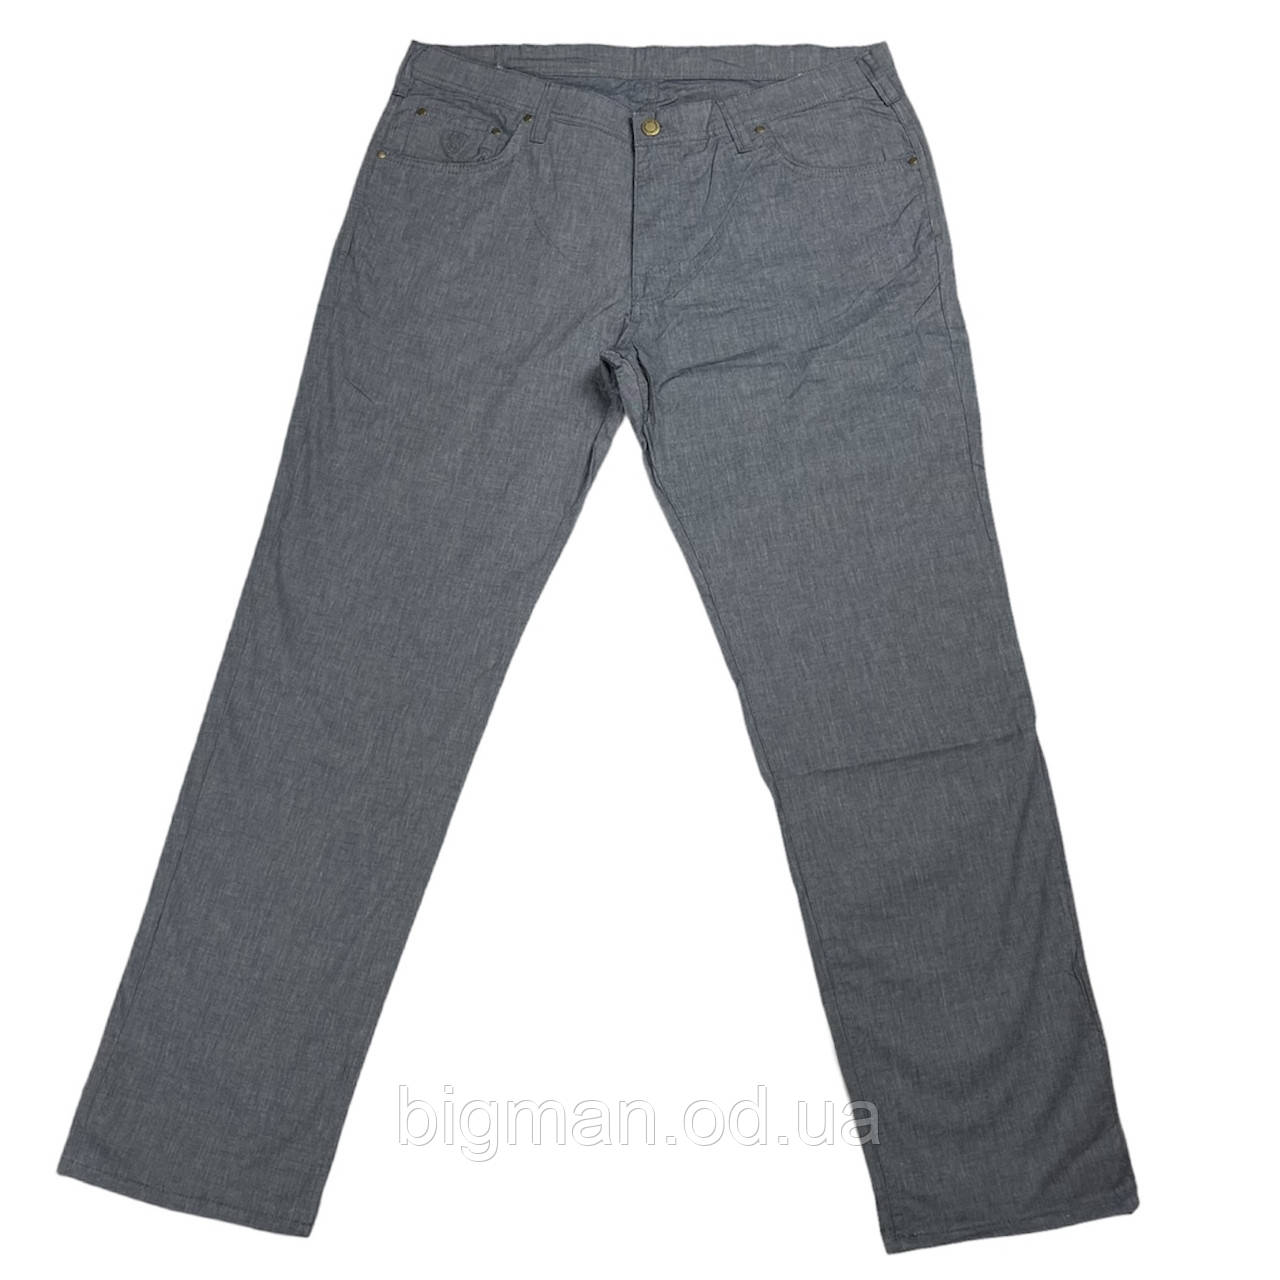 Чоловічі бавовняні штани IFC 18036 54-66 розміру сірі Туреччина батал великий розмір